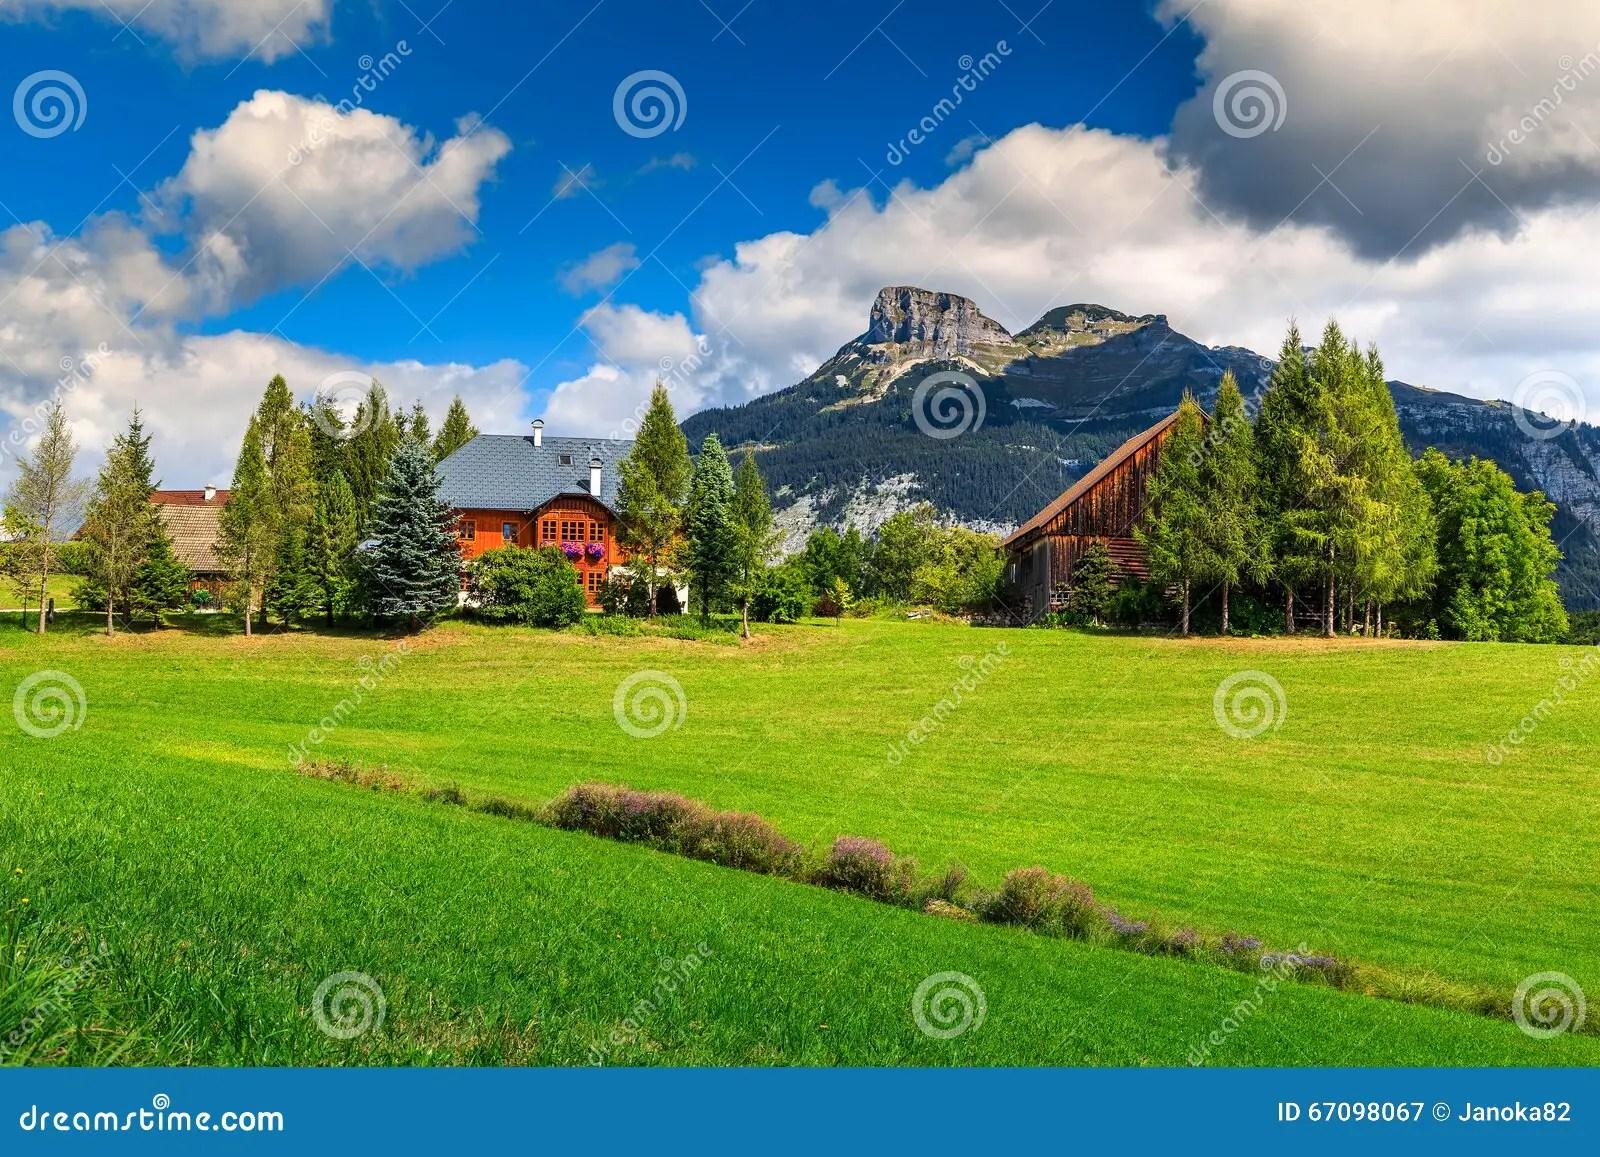 champ vert renversant et ferme alpine avec des montagnes altaussee autriche